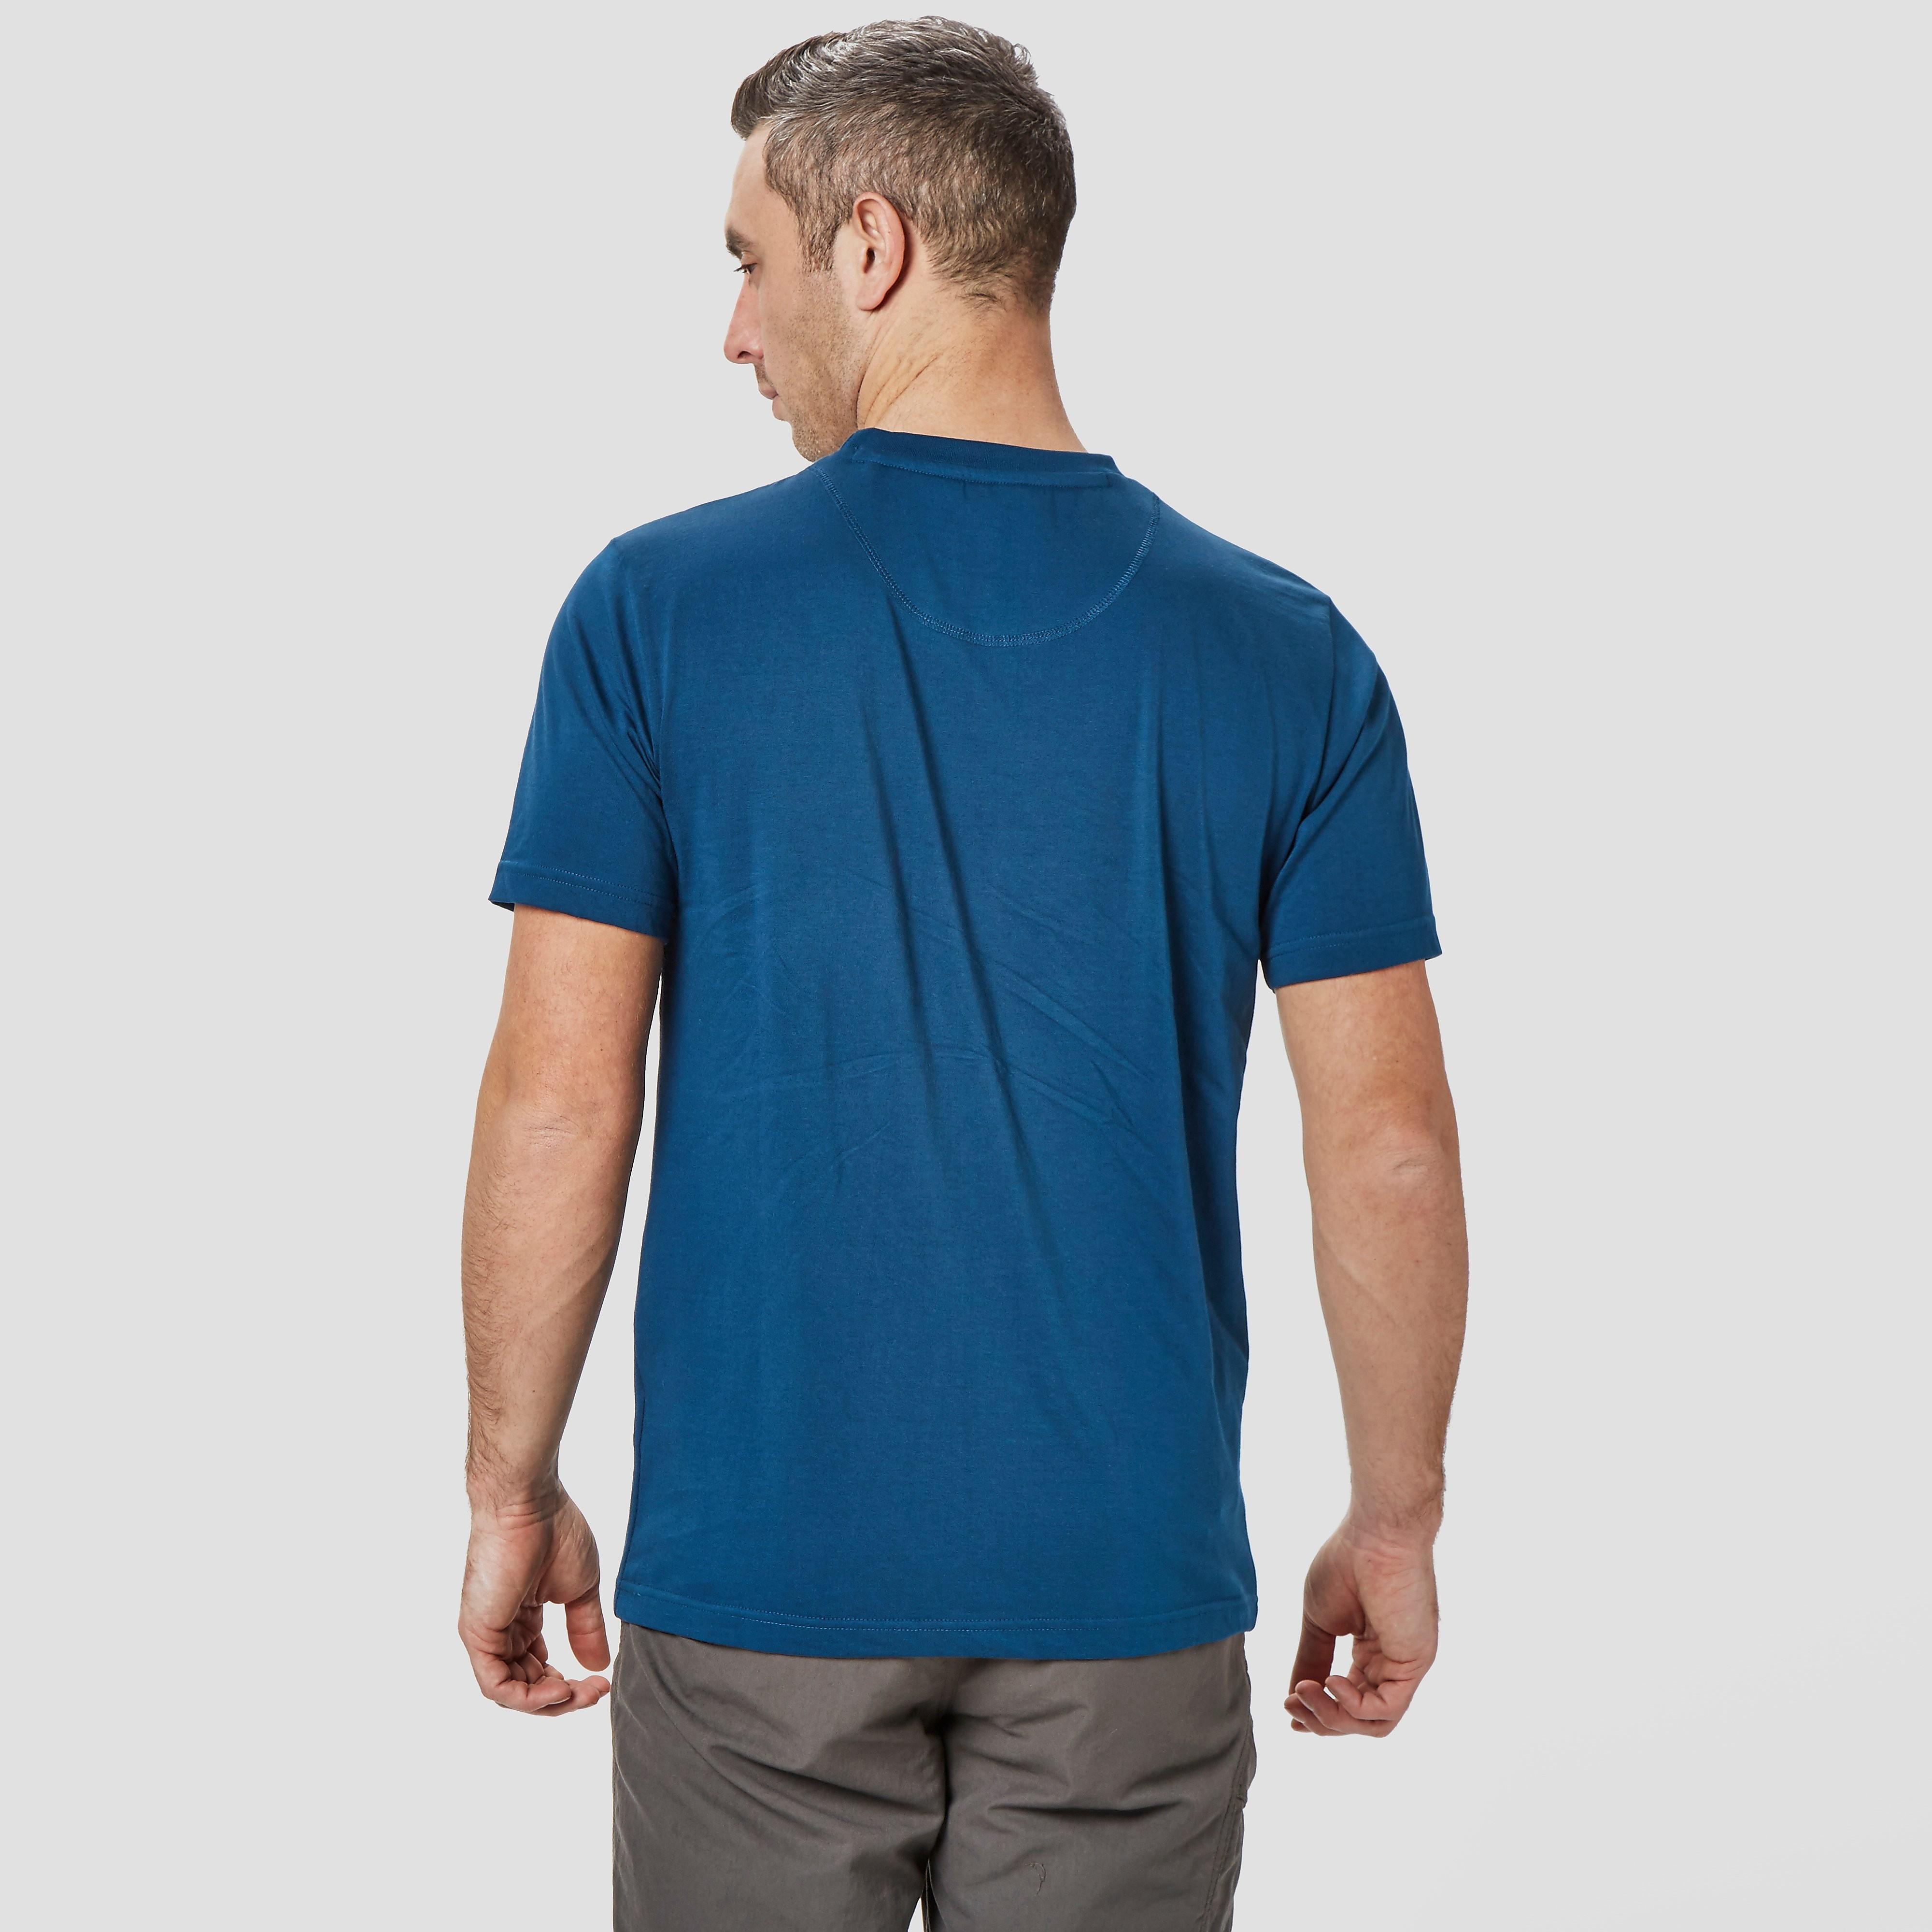 Berghaus Men's Mount T-shirt